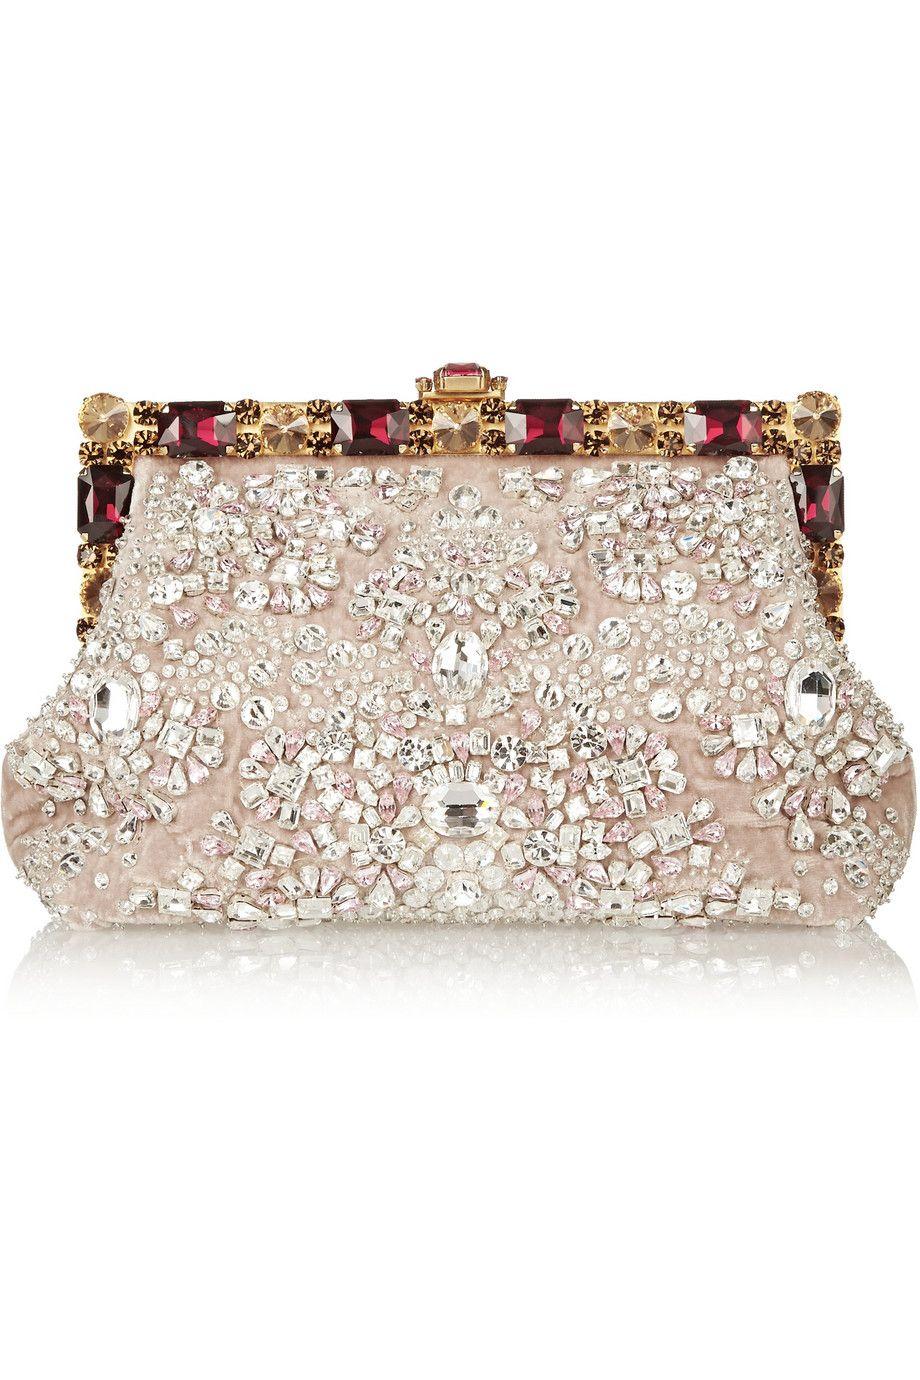 fcedf1c1ef4 Dolce & Gabbana   Crystal-embellished velvet clutch   NET-A-PORTER.COM